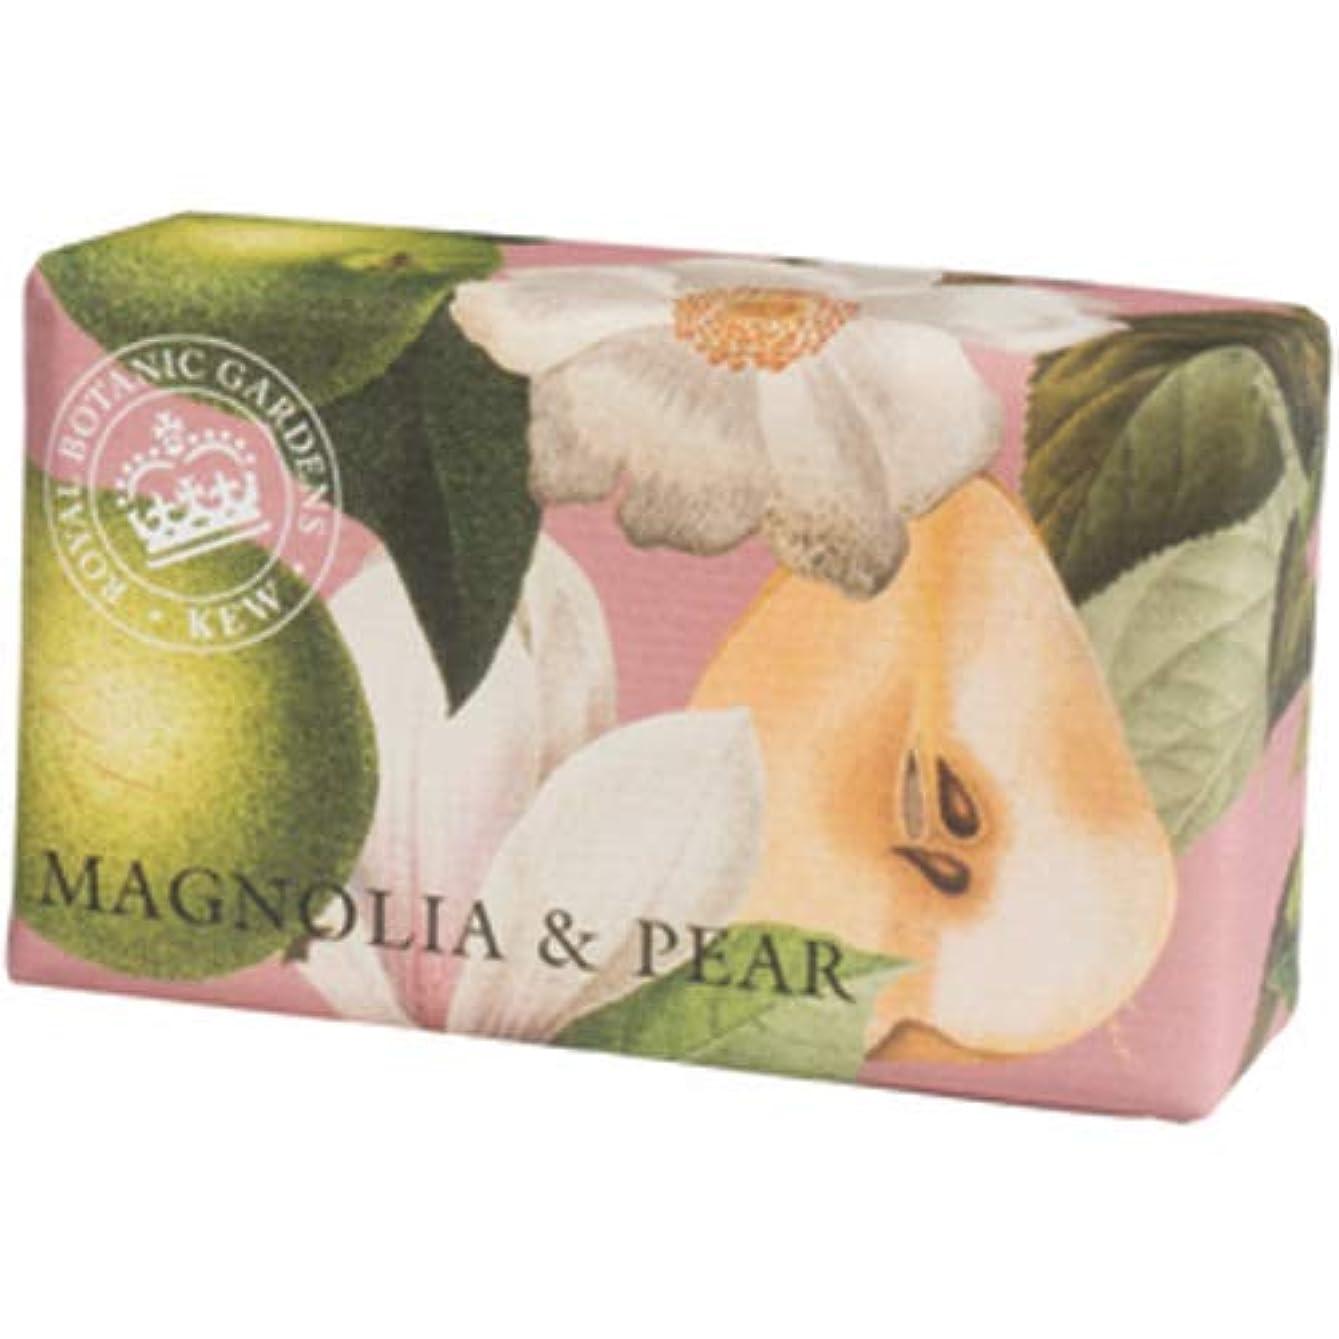 教授スラダム同様のEnglish Soap Company イングリッシュソープカンパニー KEW GARDEN キュー?ガーデン Luxury Shea Soaps シアソープ Magnolia & Pear マグノリア&ペア